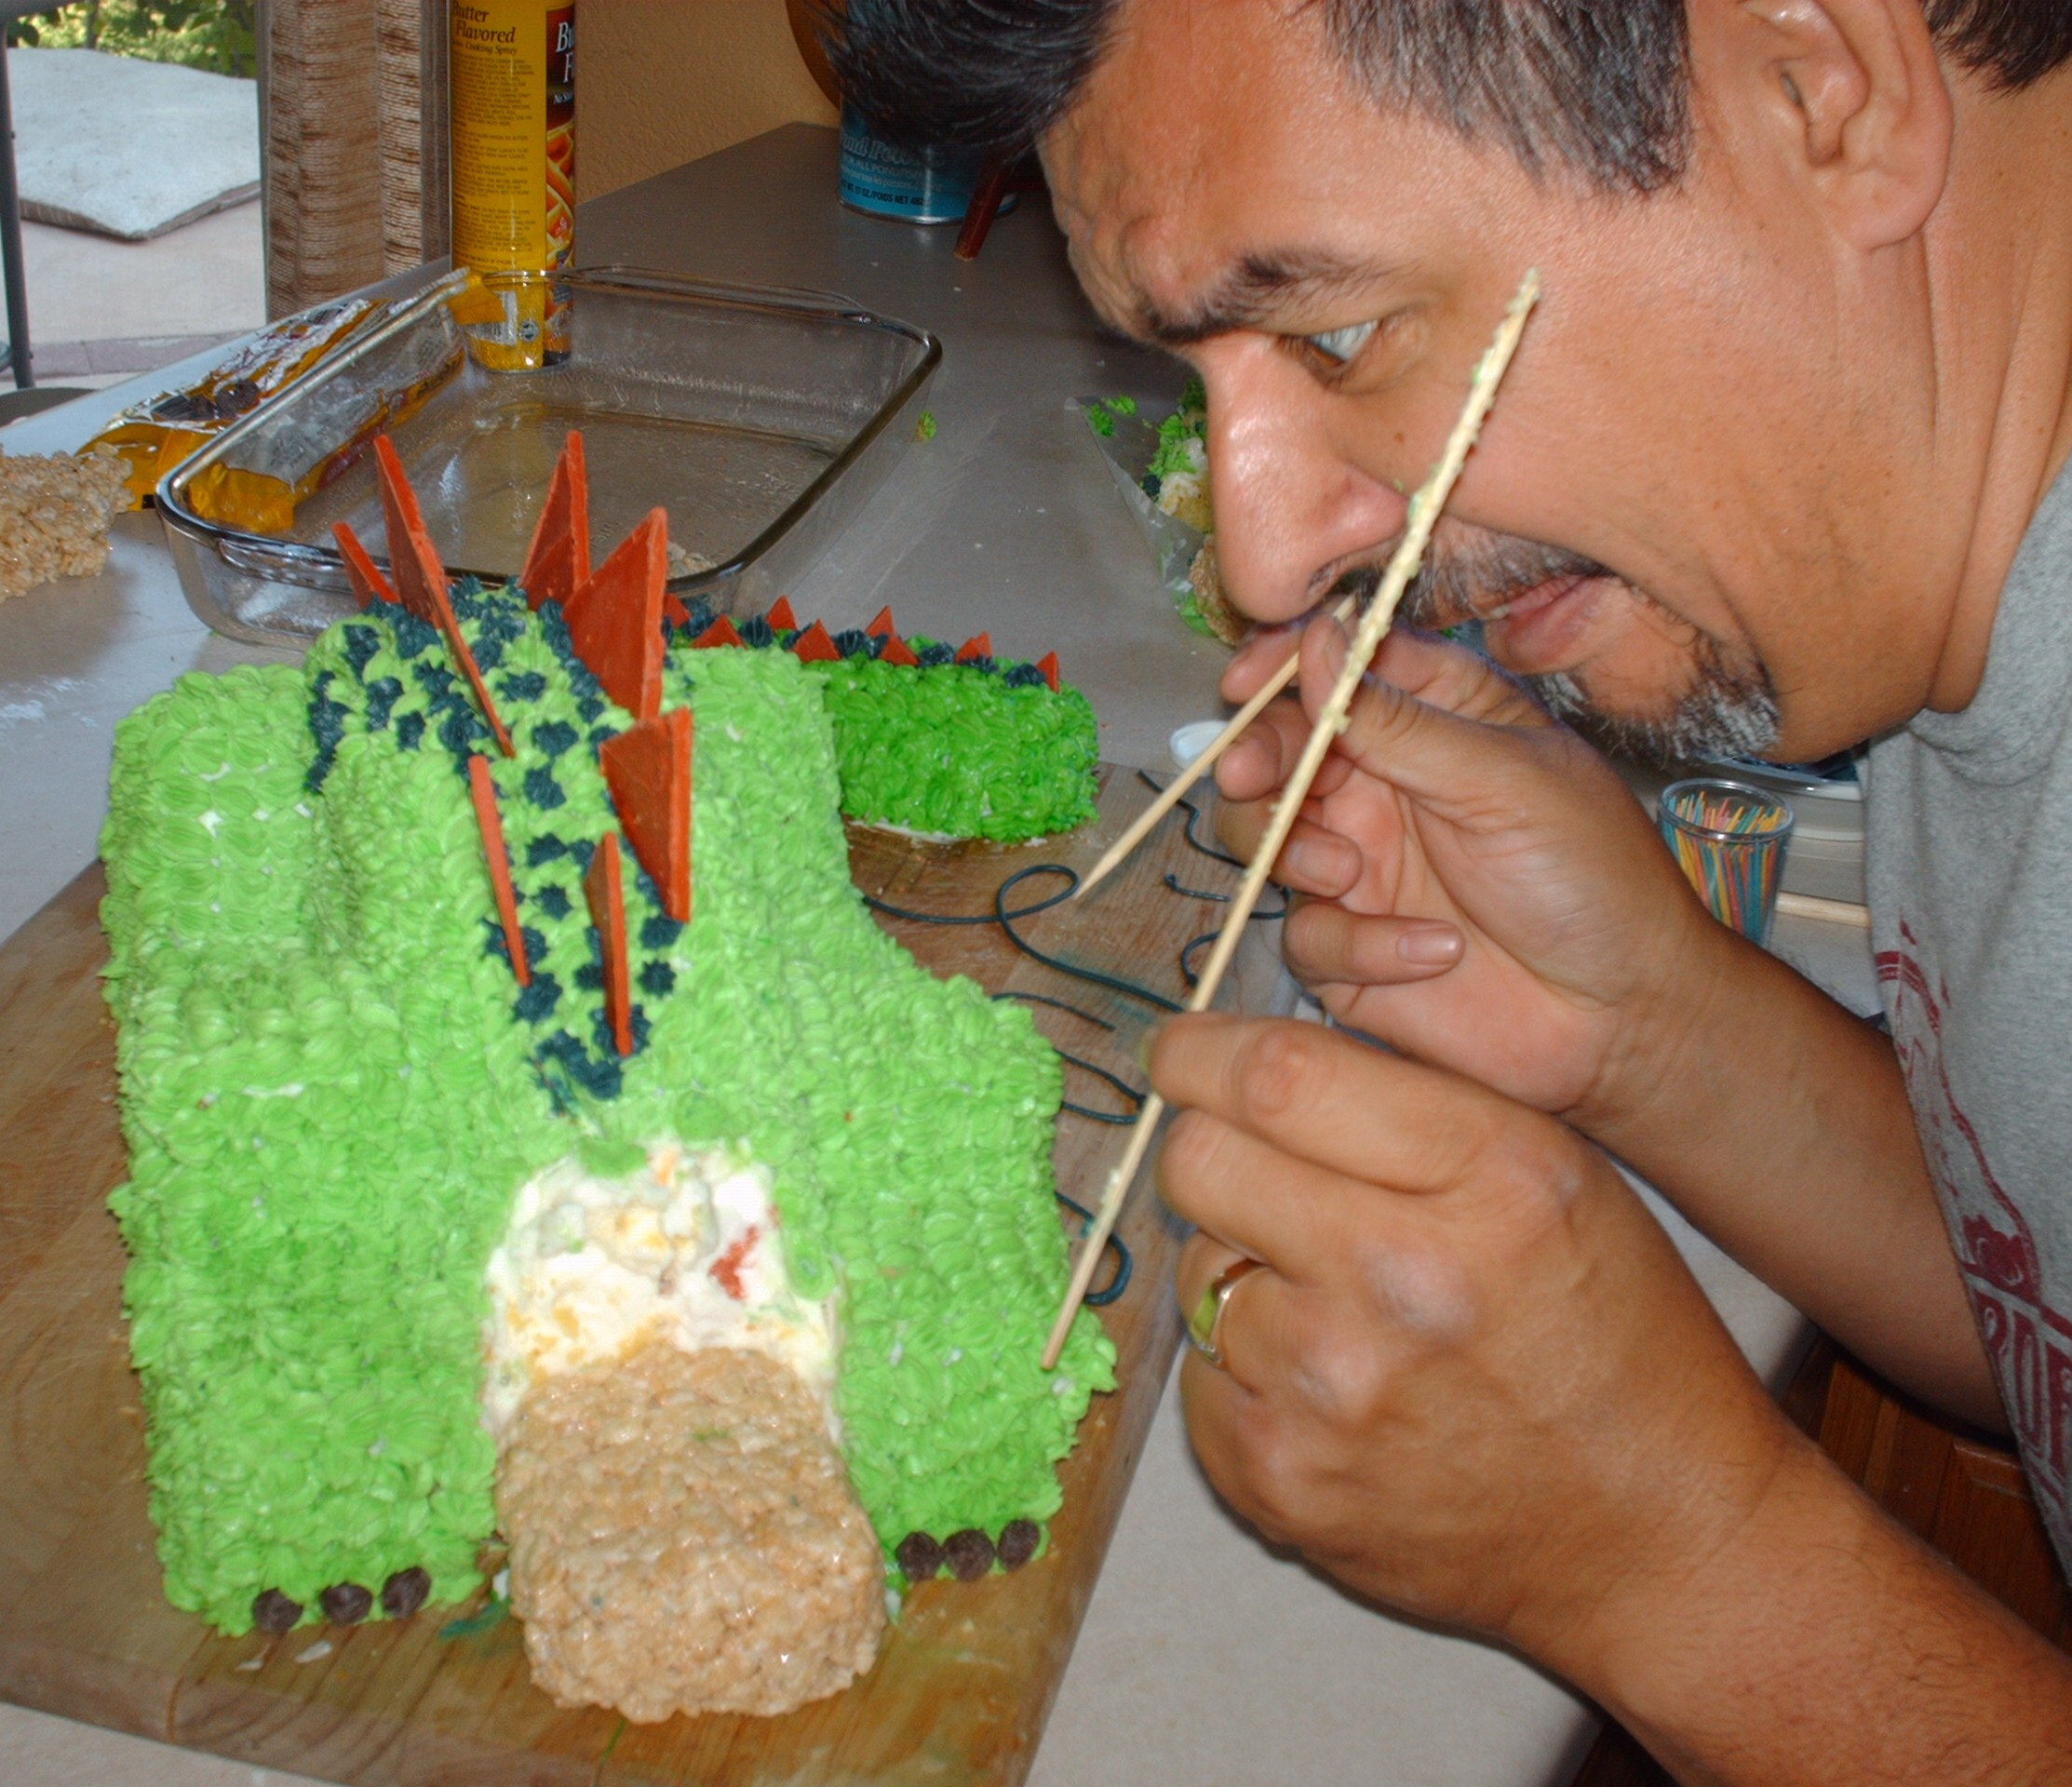 cake-disaster.JPG